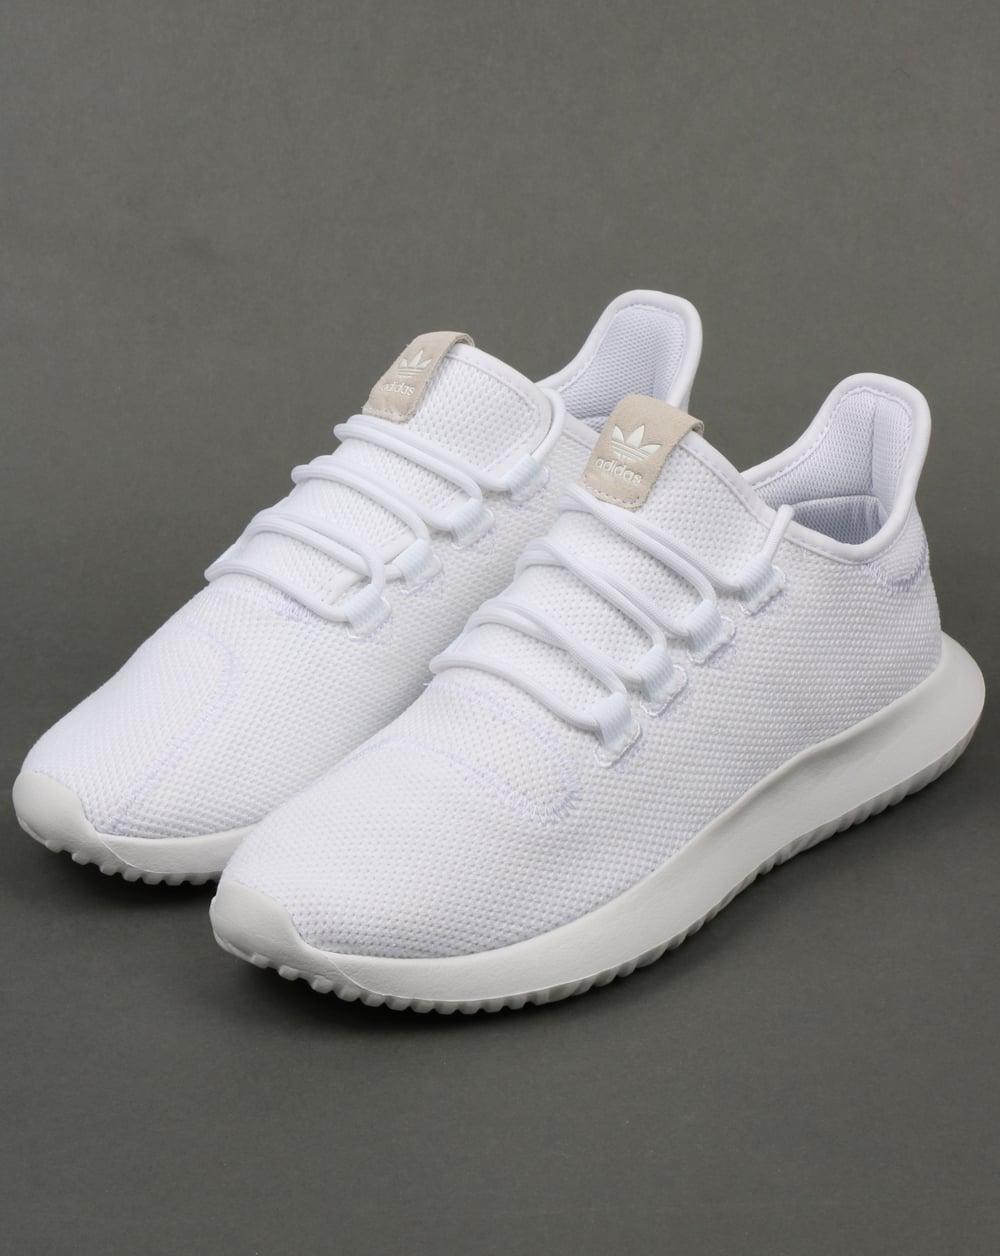 adidas tubular shadow trainers whiteblack mens